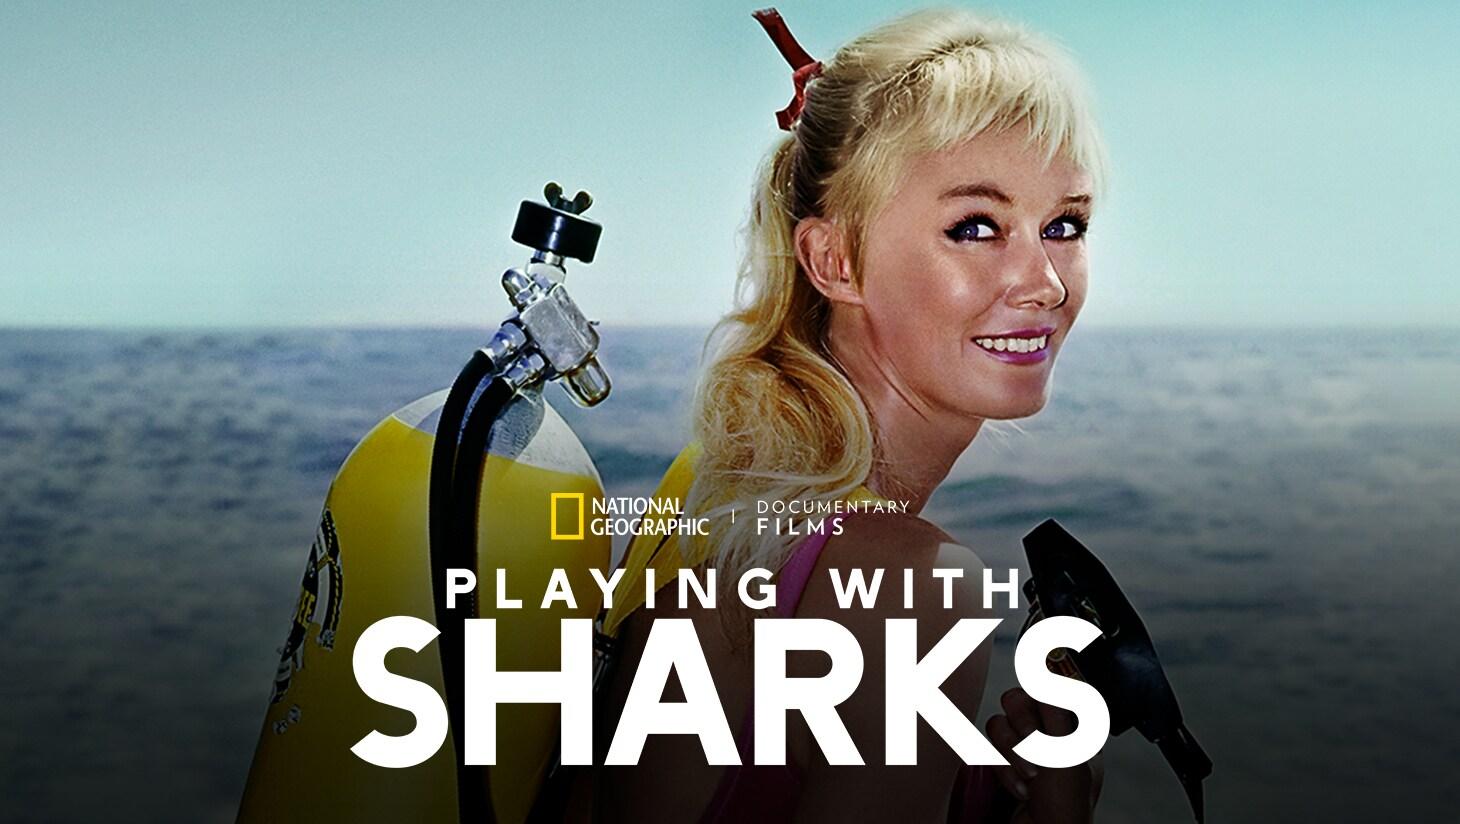 Playing with Sharks keyart